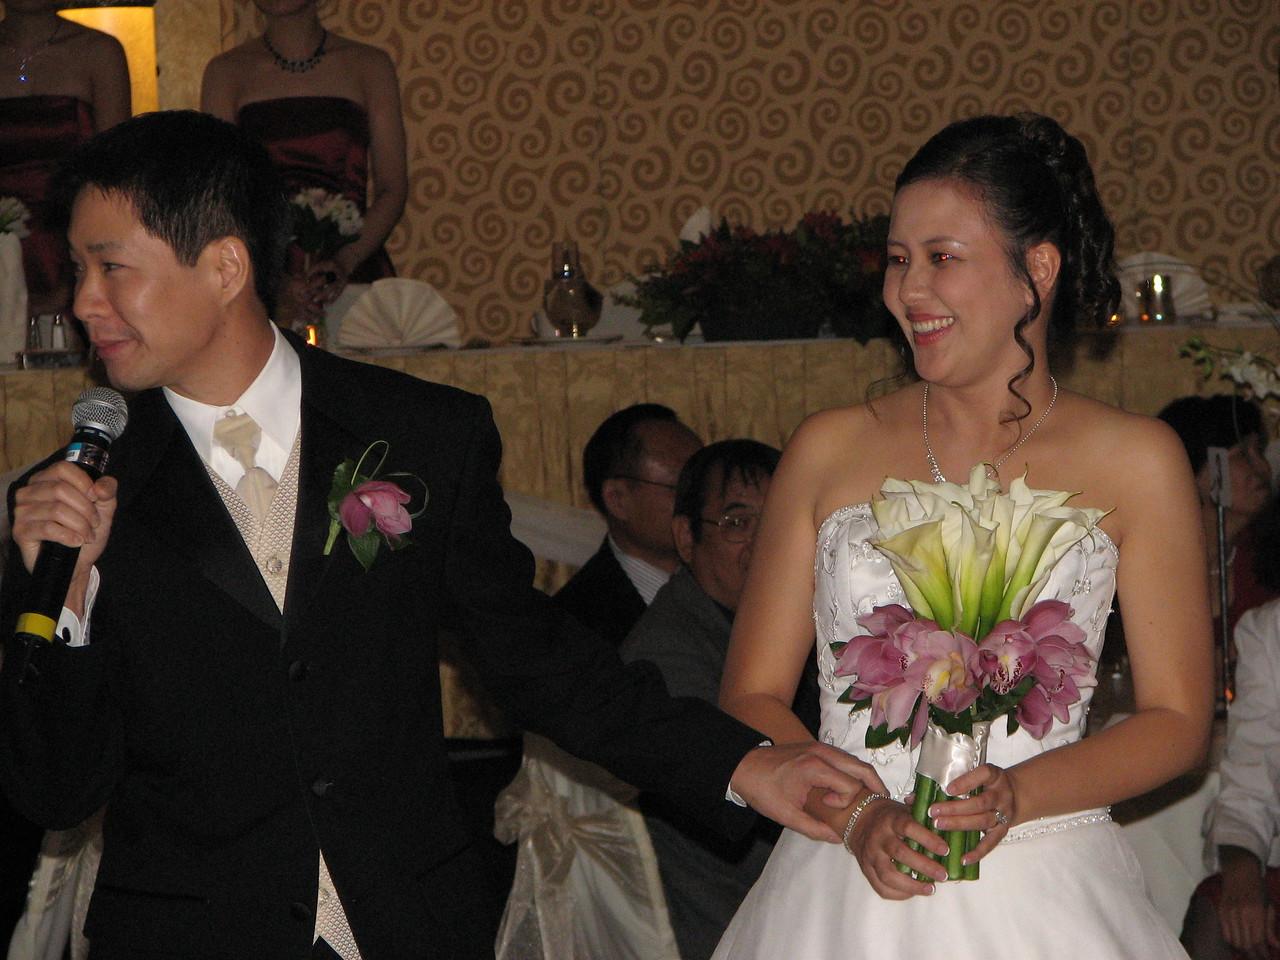 2006 10 08 Sun - Reception - Enter Mr  & Mrs  Joe & Joanna Sun 3